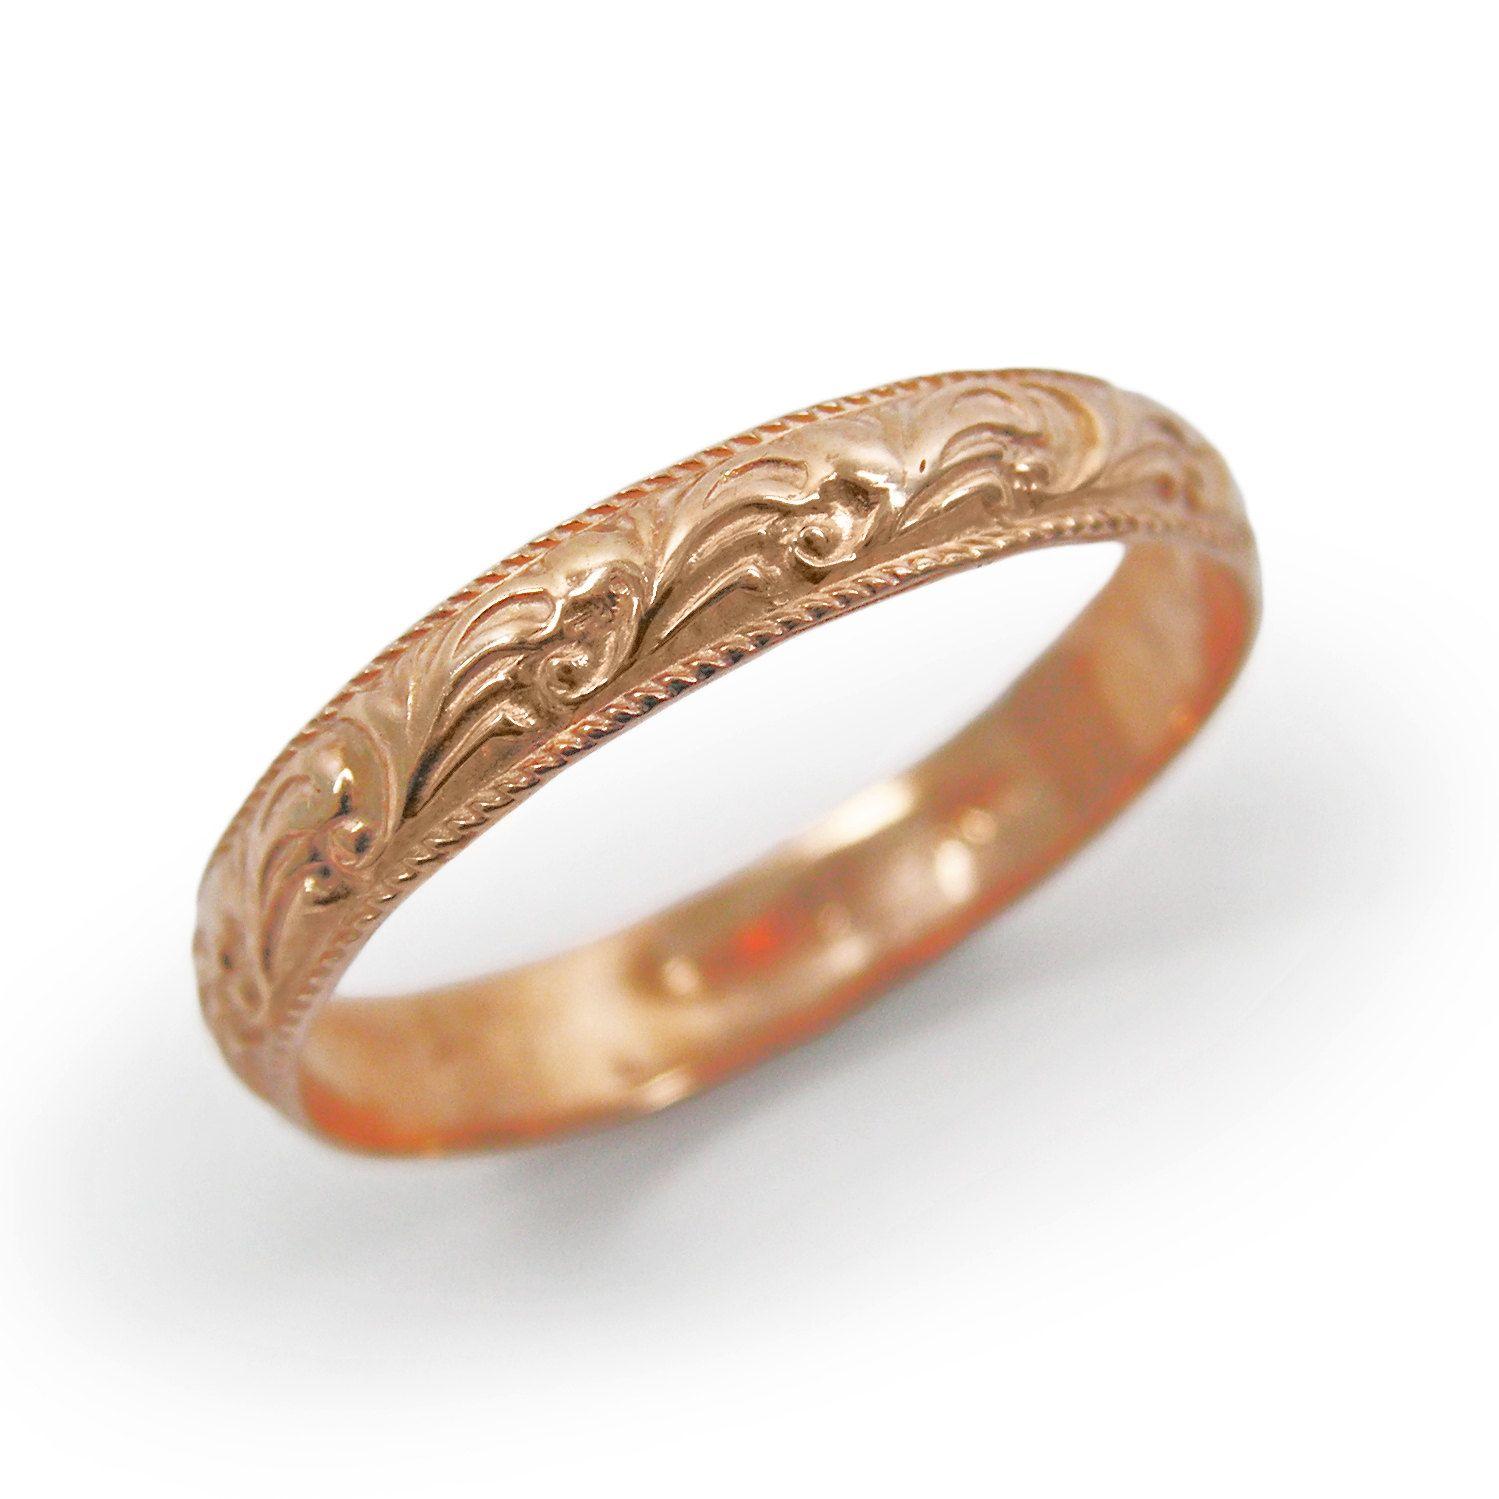 Marrocan Rose Gold Fl Design Ring Or Wedding Band Gr 9154 247 00